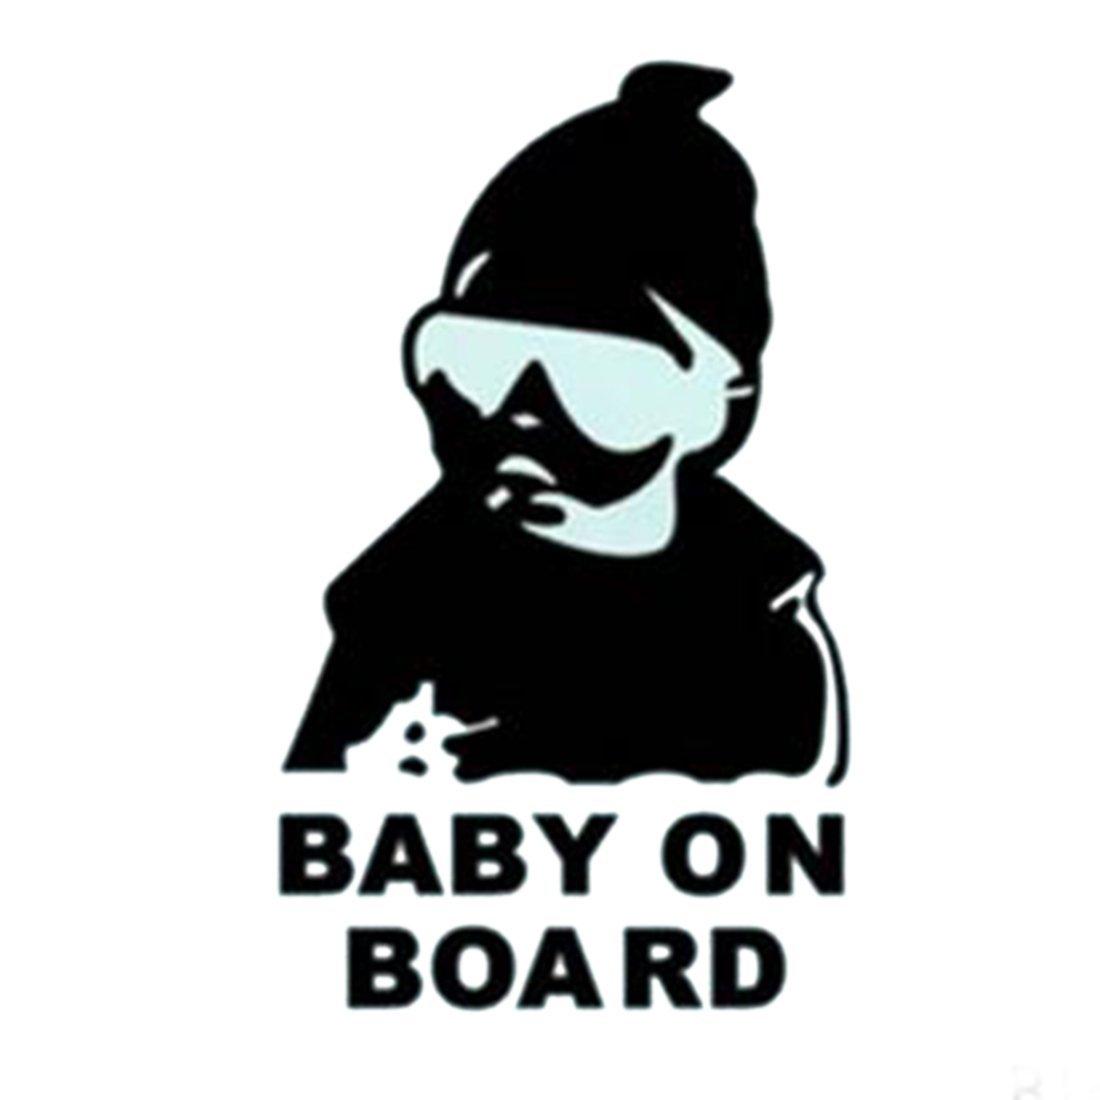 Fashion Lovely Baby on Board Warnung Aufkleber Reflektierende Wasserdicht Auto Fenster vinyl Aufkleber Farbe schwarz weiß Weiß [Energieklasse A] rongwen